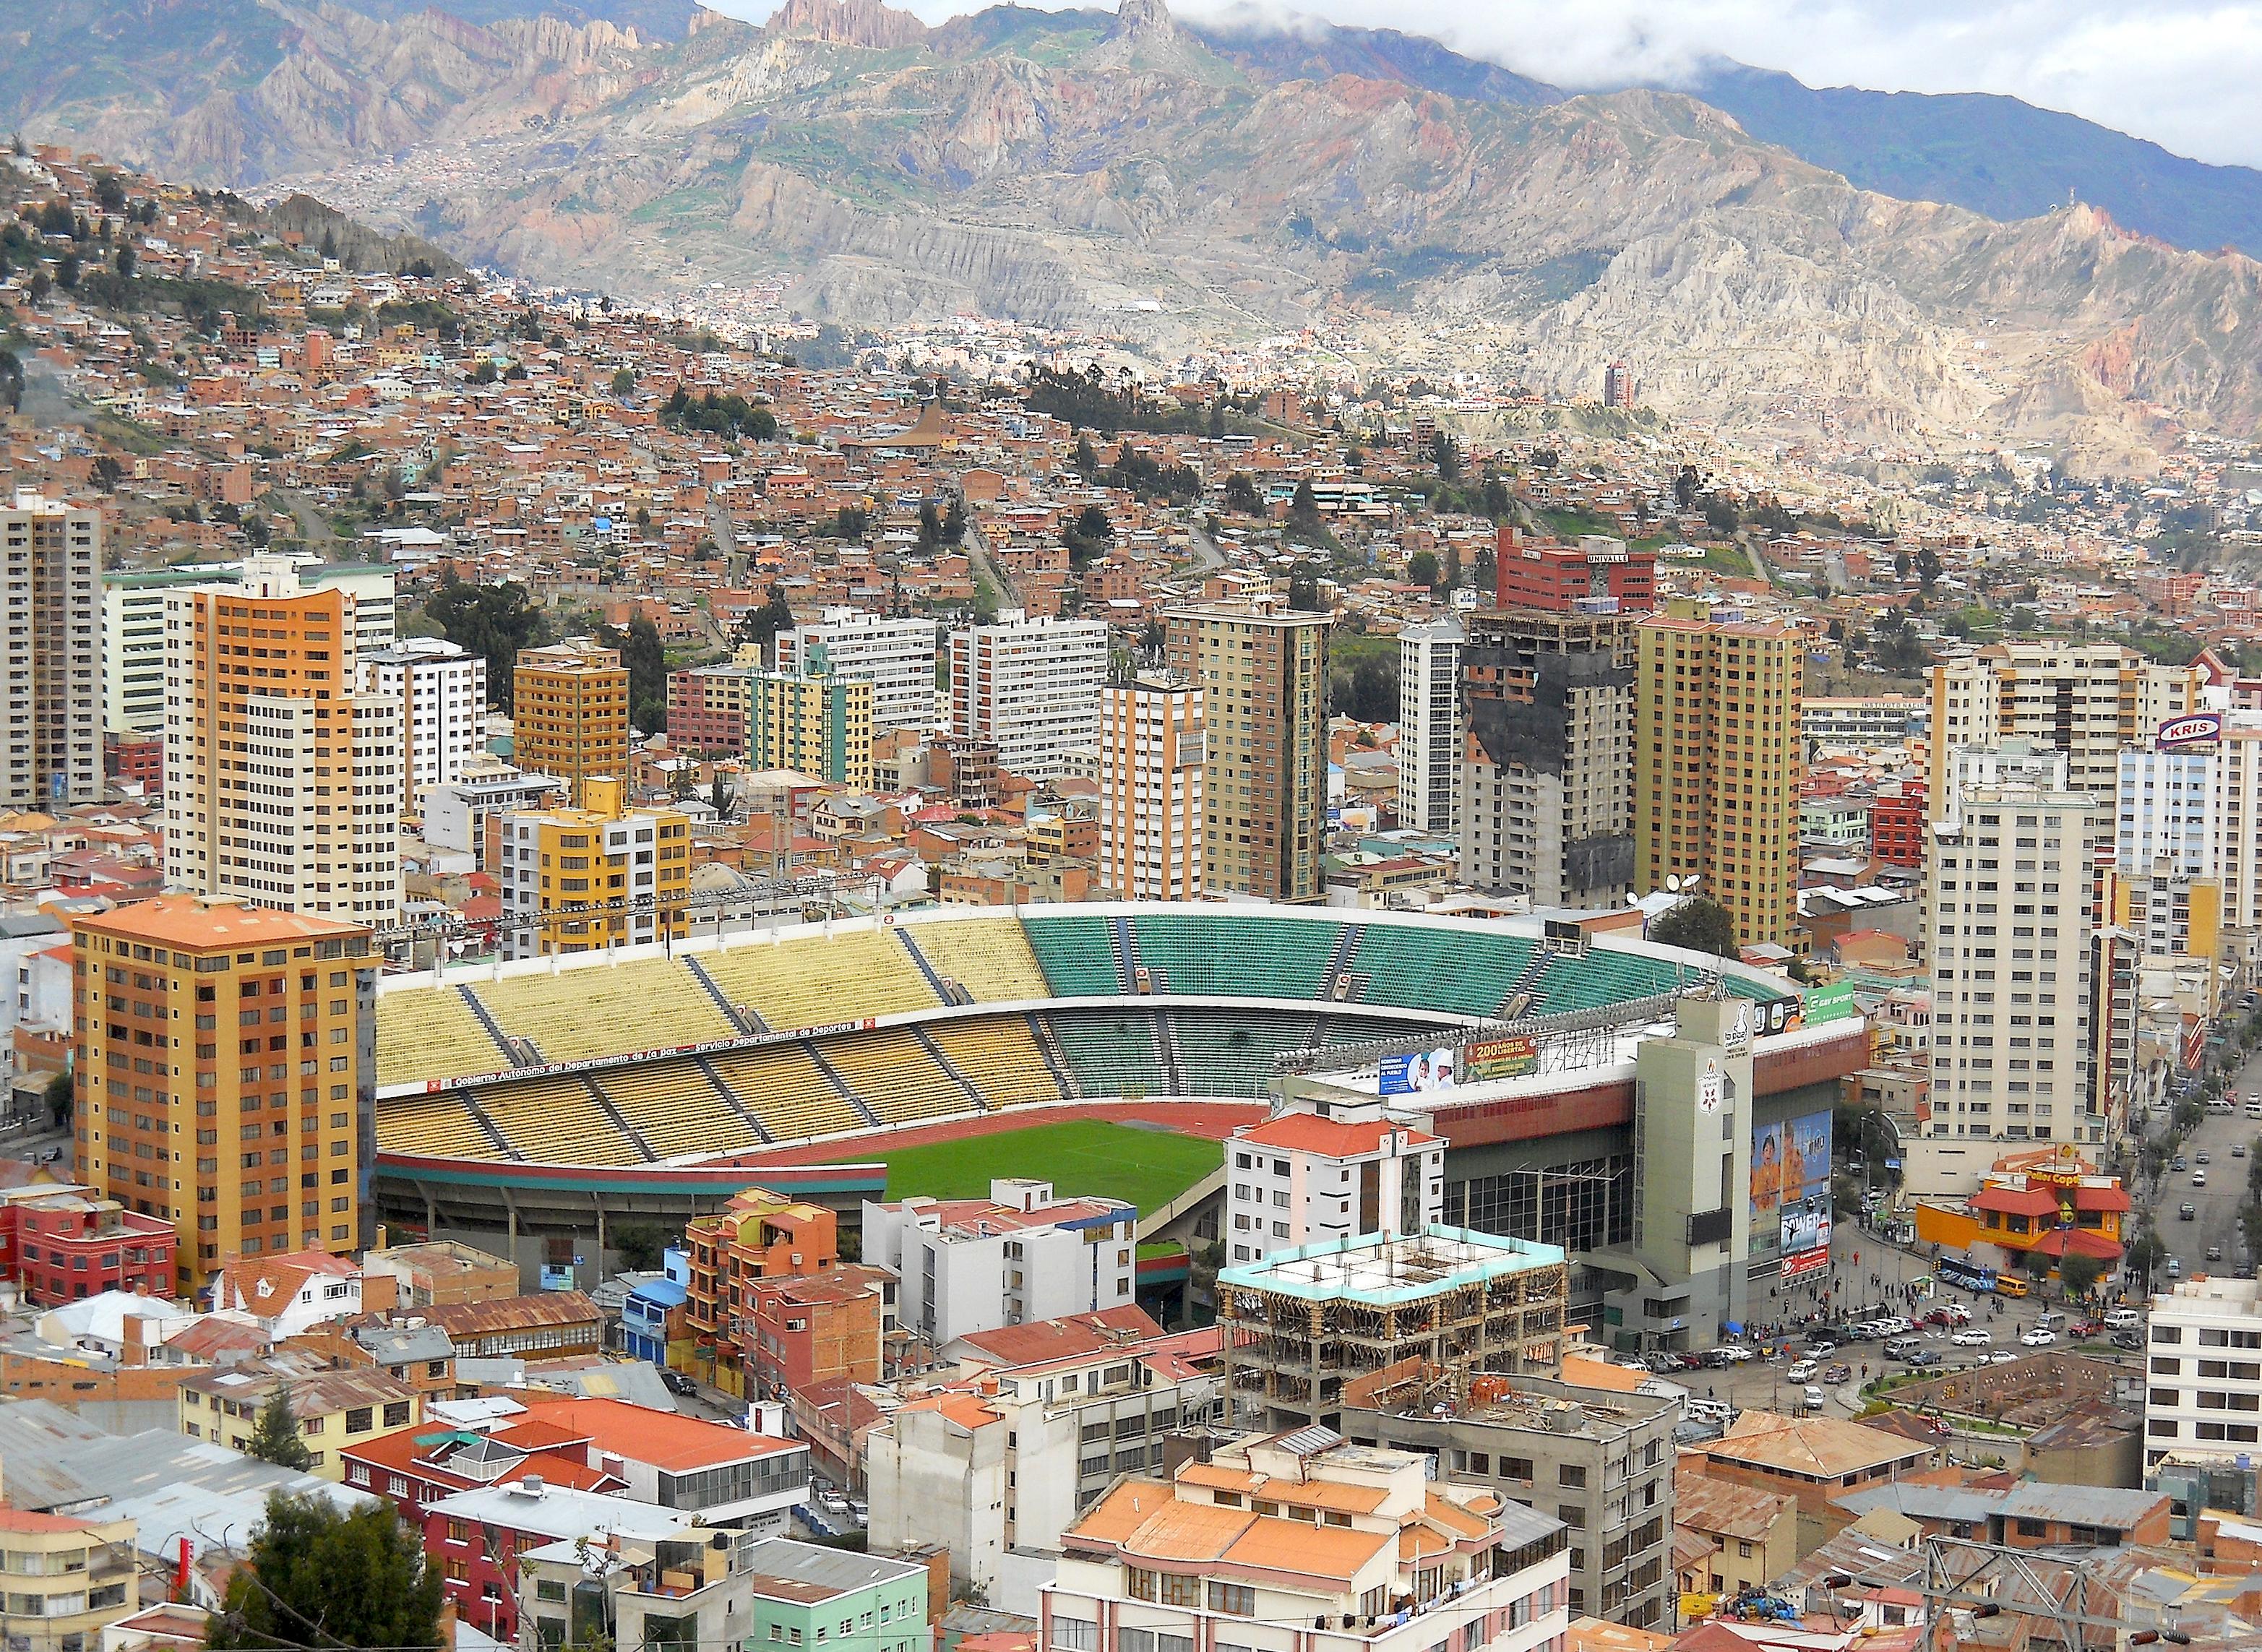 Paczki i przesyłki do La Paz stolicy Boliwii